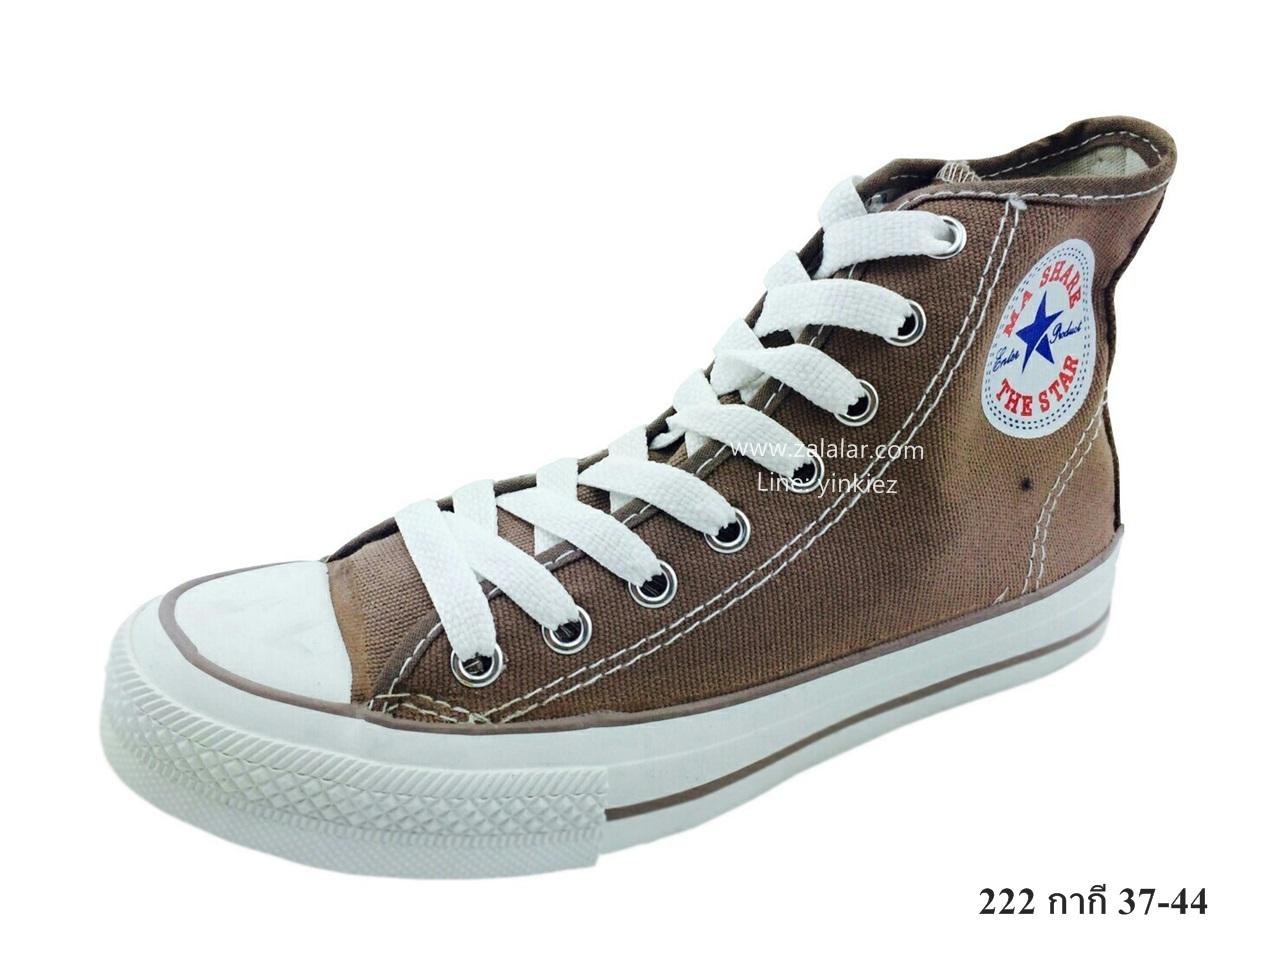 [พร้อมส่ง] รองเท้าผ้าใบแฟชั่น รุ่น 222 สีกากี ทรงหุ้มข้อ